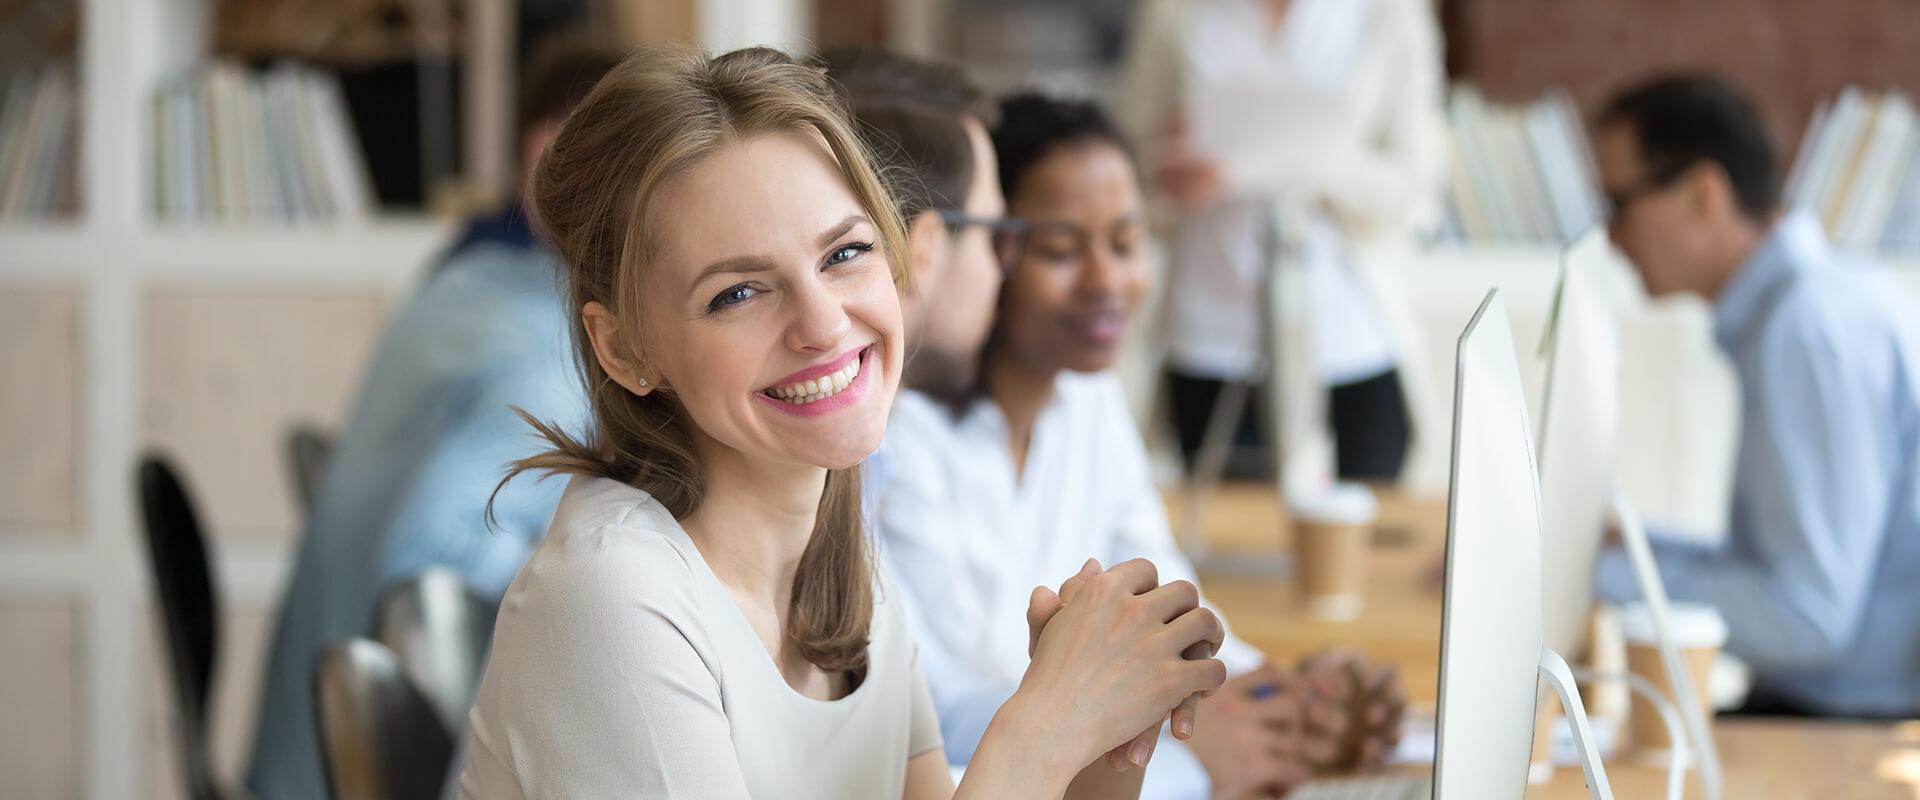 Eine Frau nimmt mit anderen Teilnehmer an einer Weiterbildung teil, Blick in die Kamera.